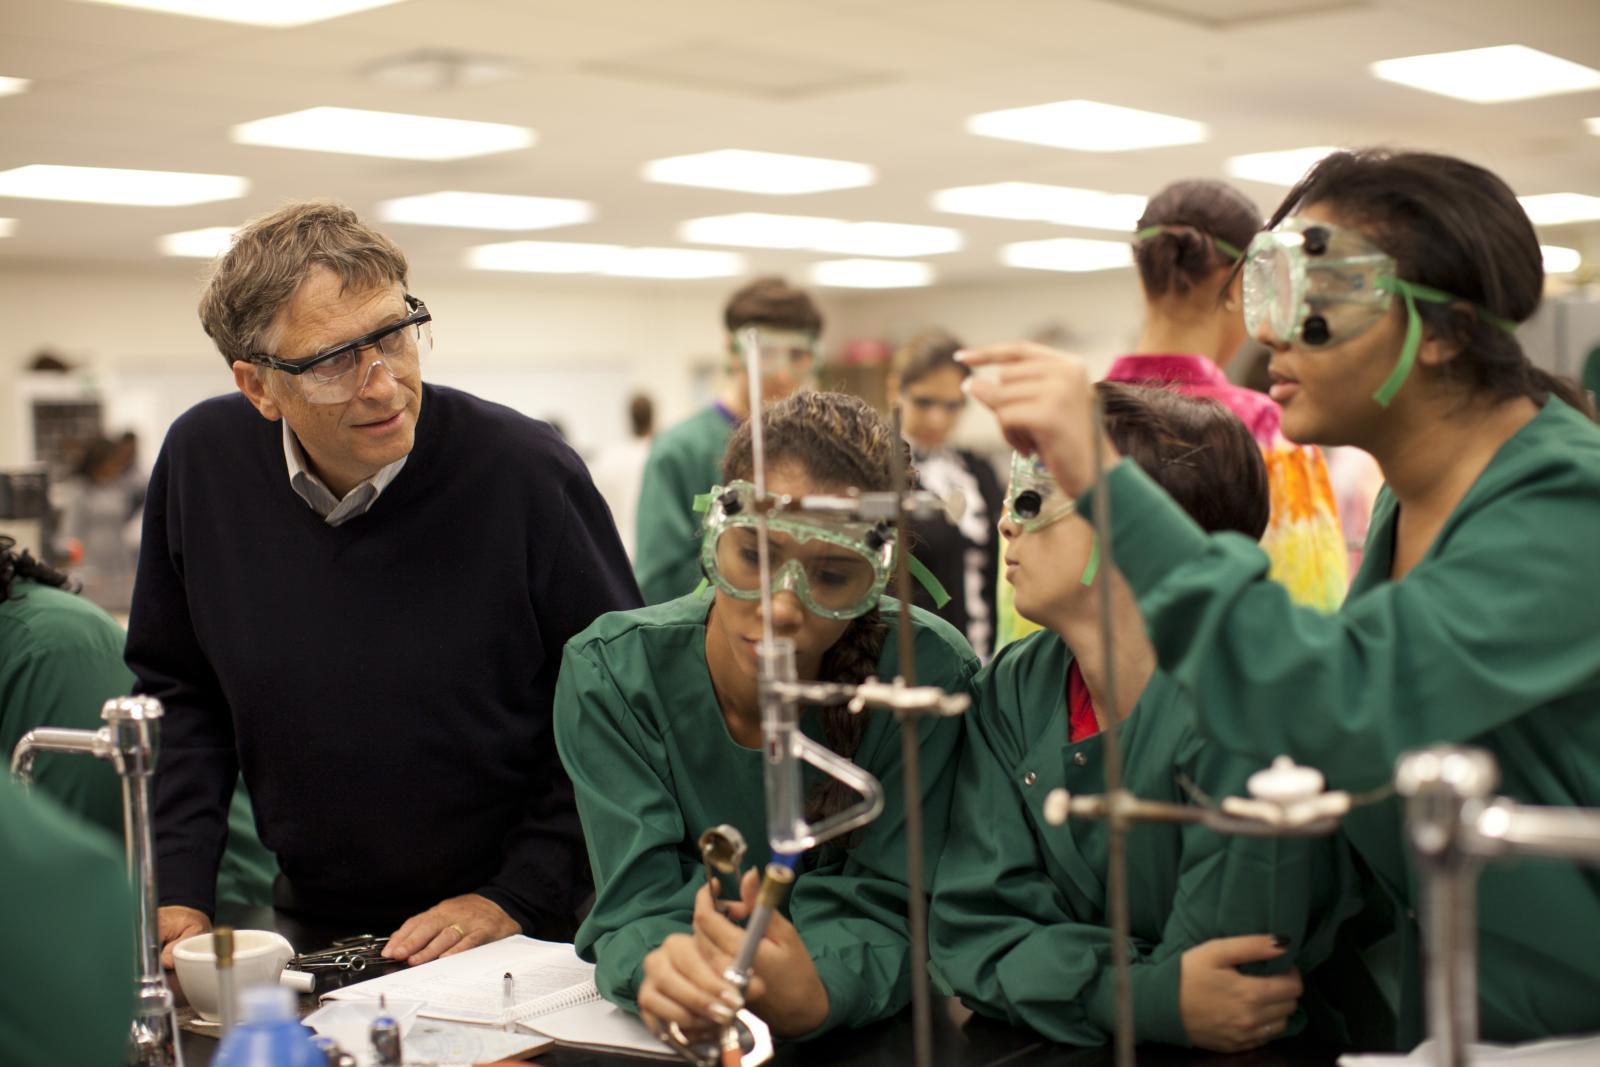 Lotta all'ebola, Bill Gates dona 5,7 mln di dollari per studi e ricerche sul 'siero dei guariti'